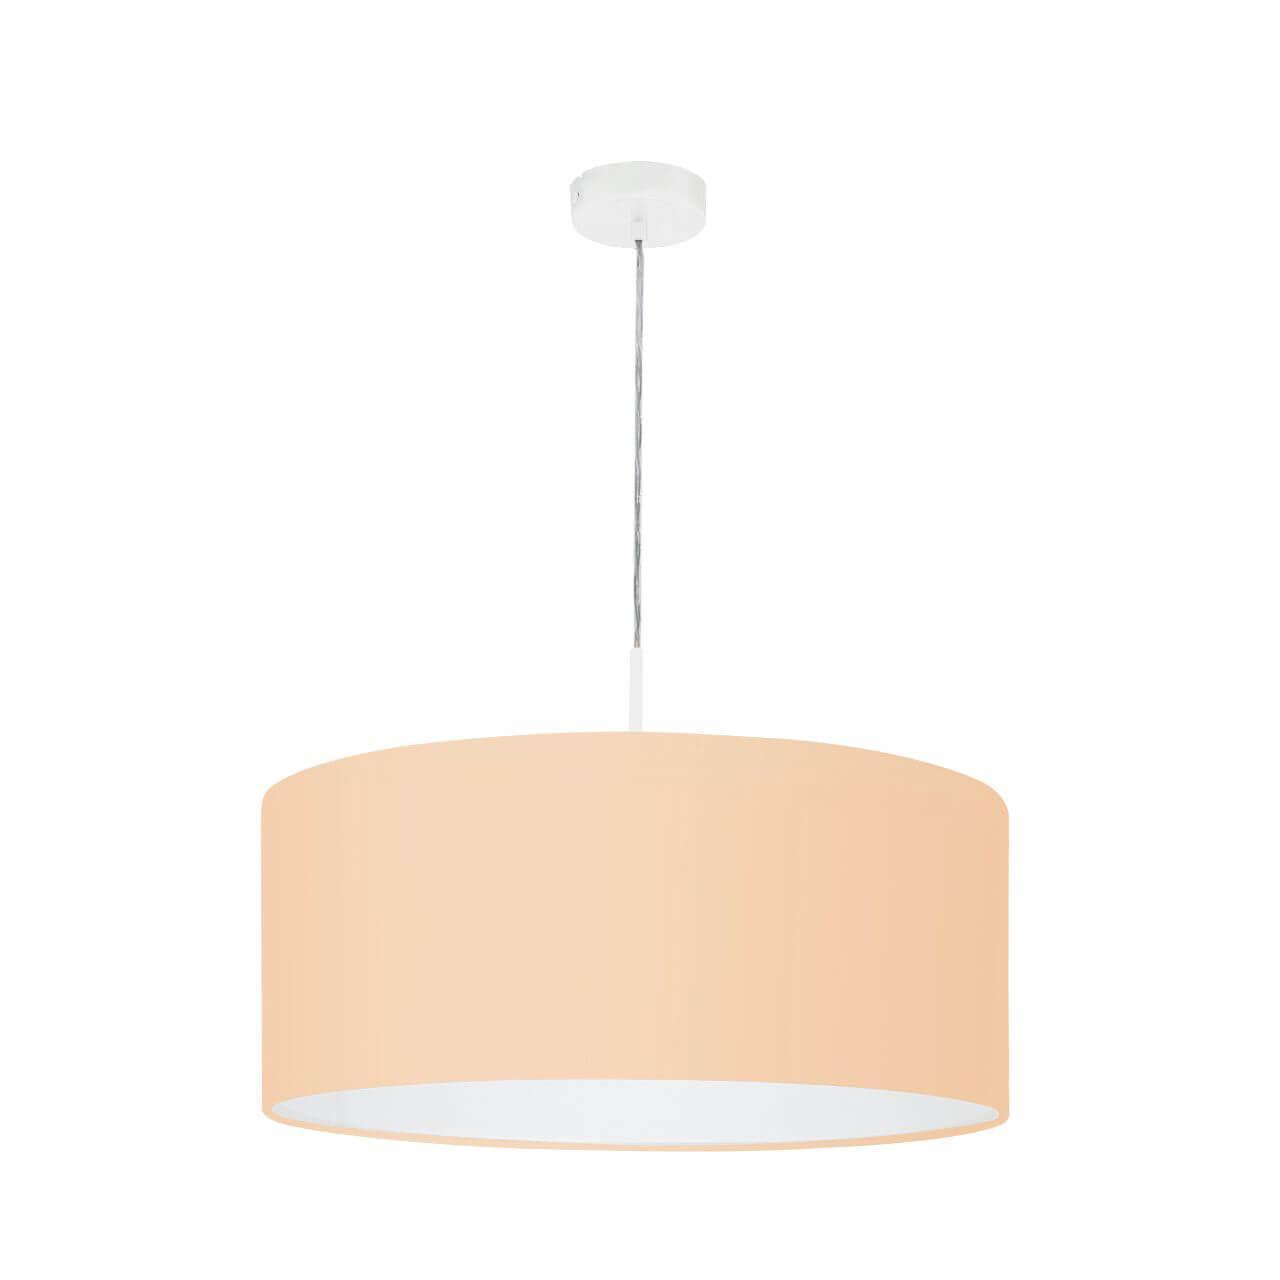 Подвесной светильник Eglo 97562, E27, 60 Вт подвесной светильник eglo pasteri 31577